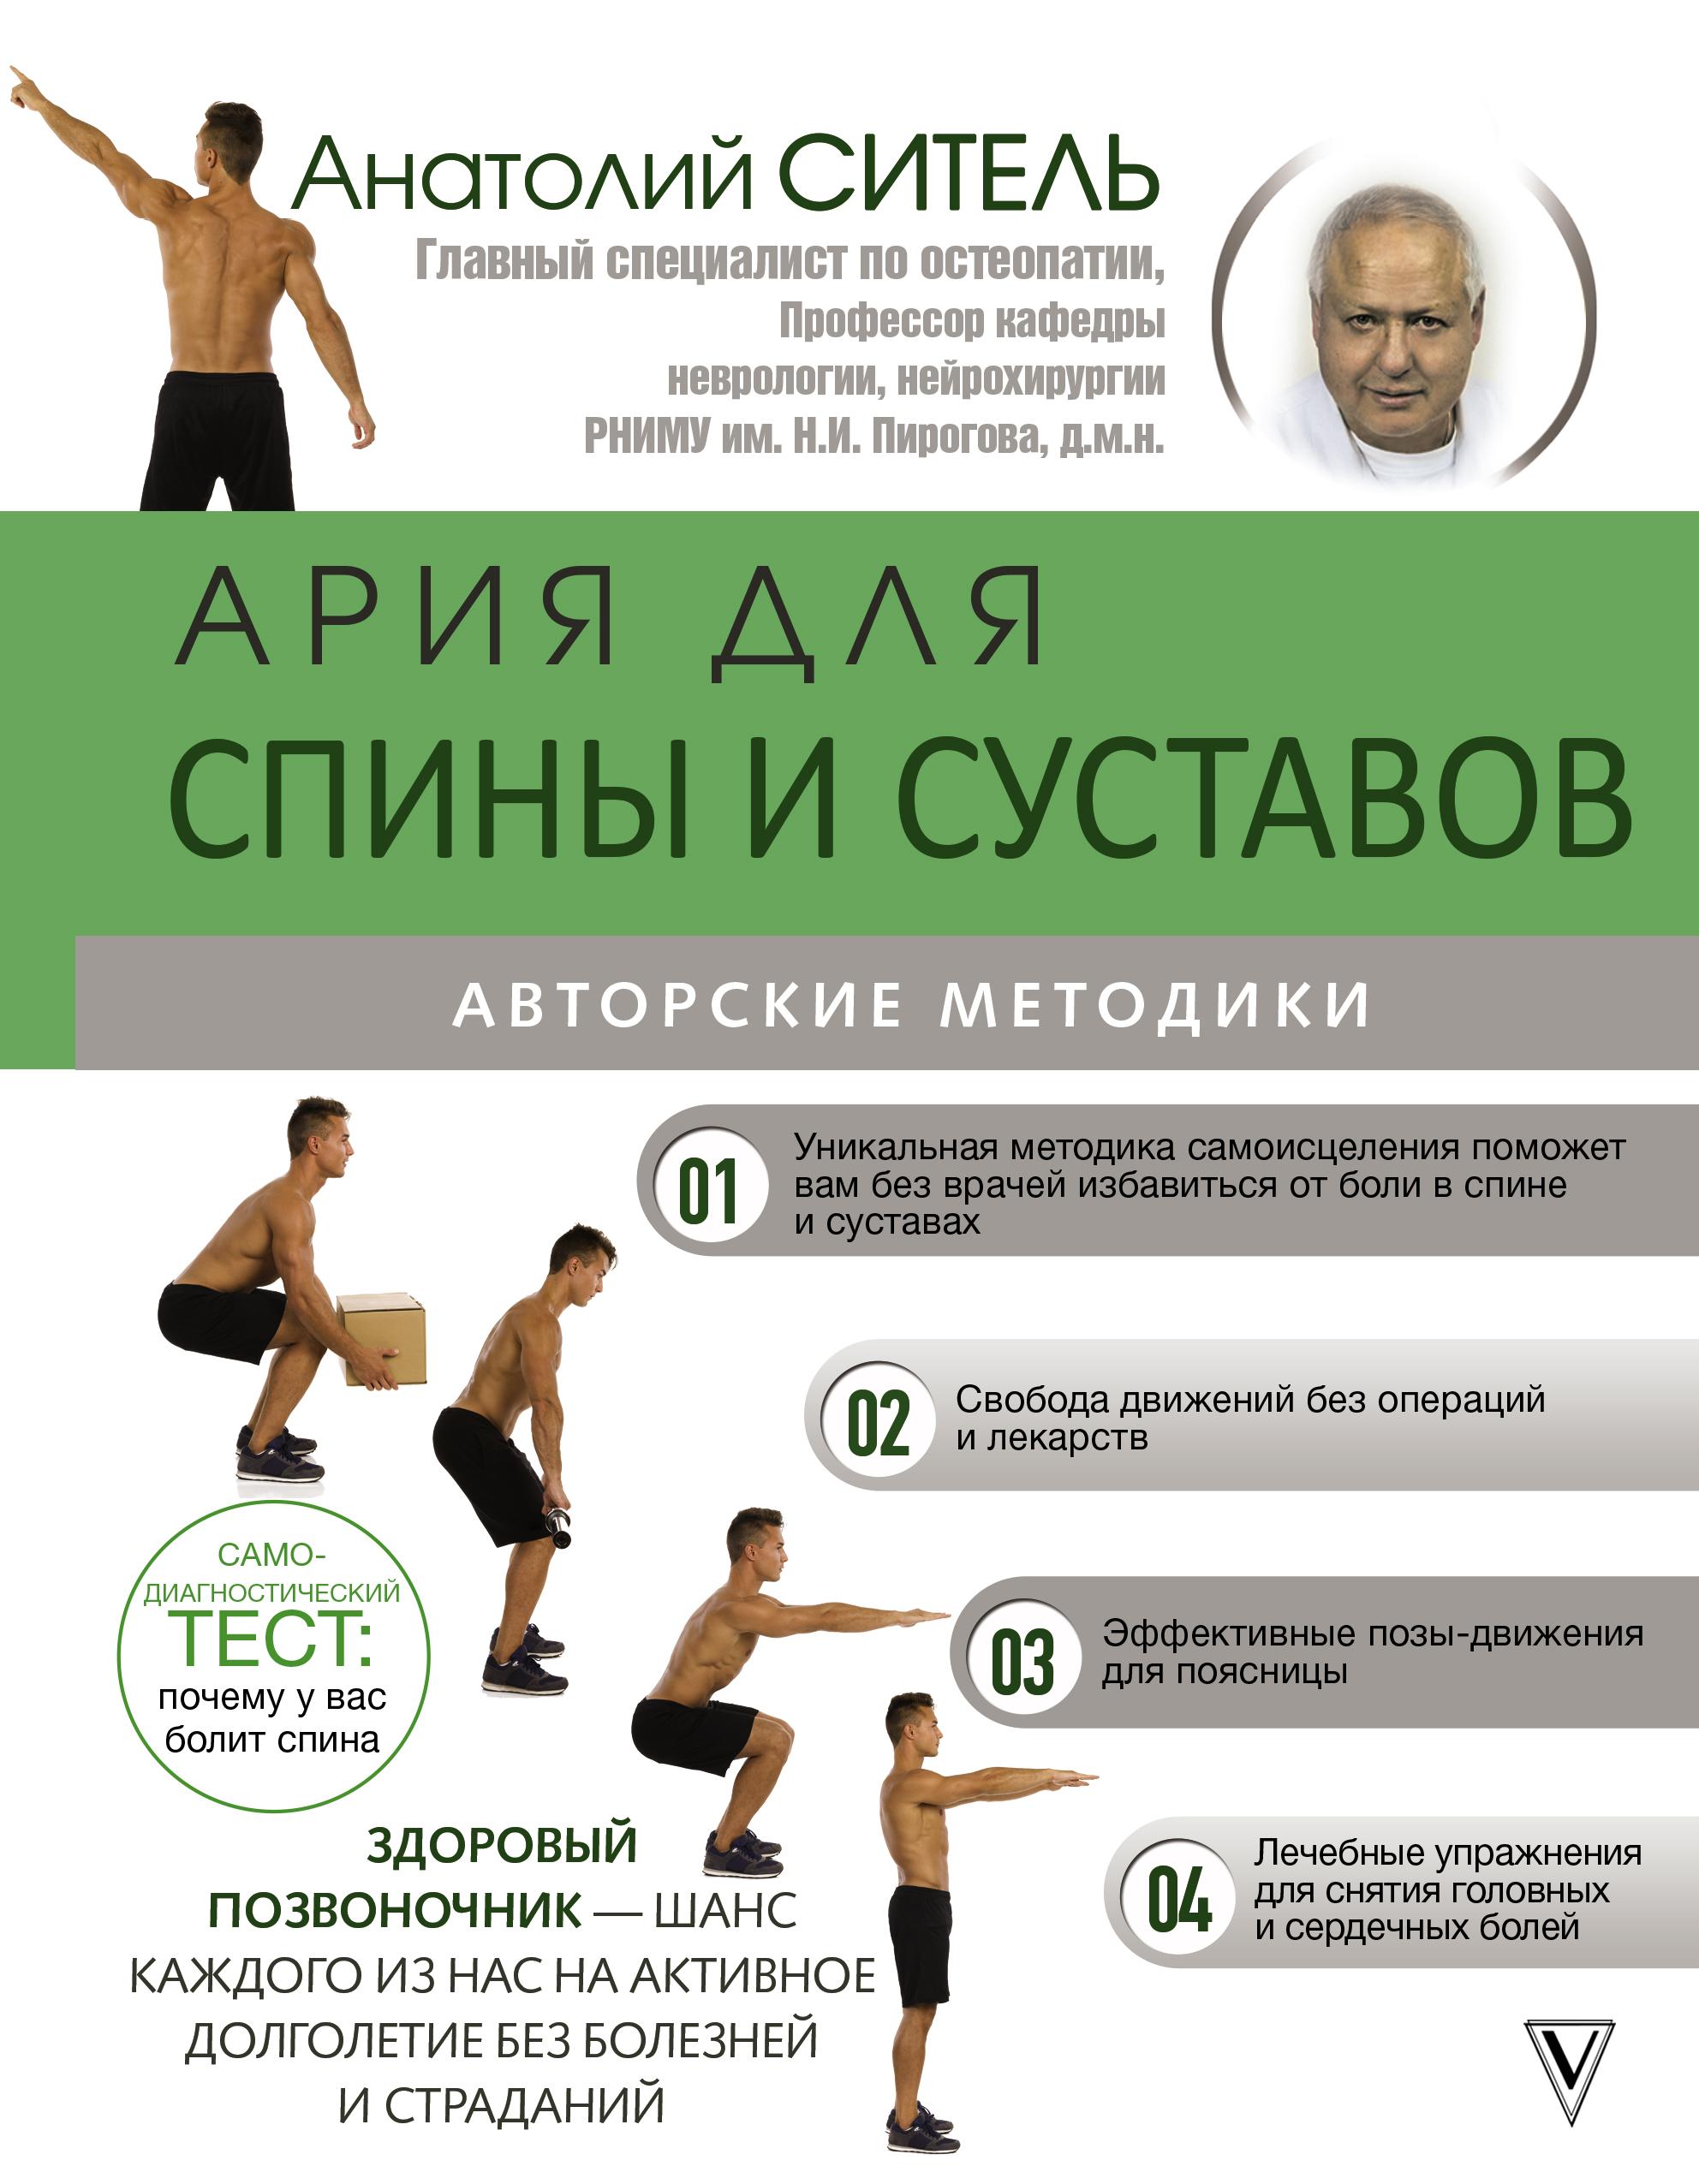 Ситель Анатолий Ария для спины и суставов: авторские методики